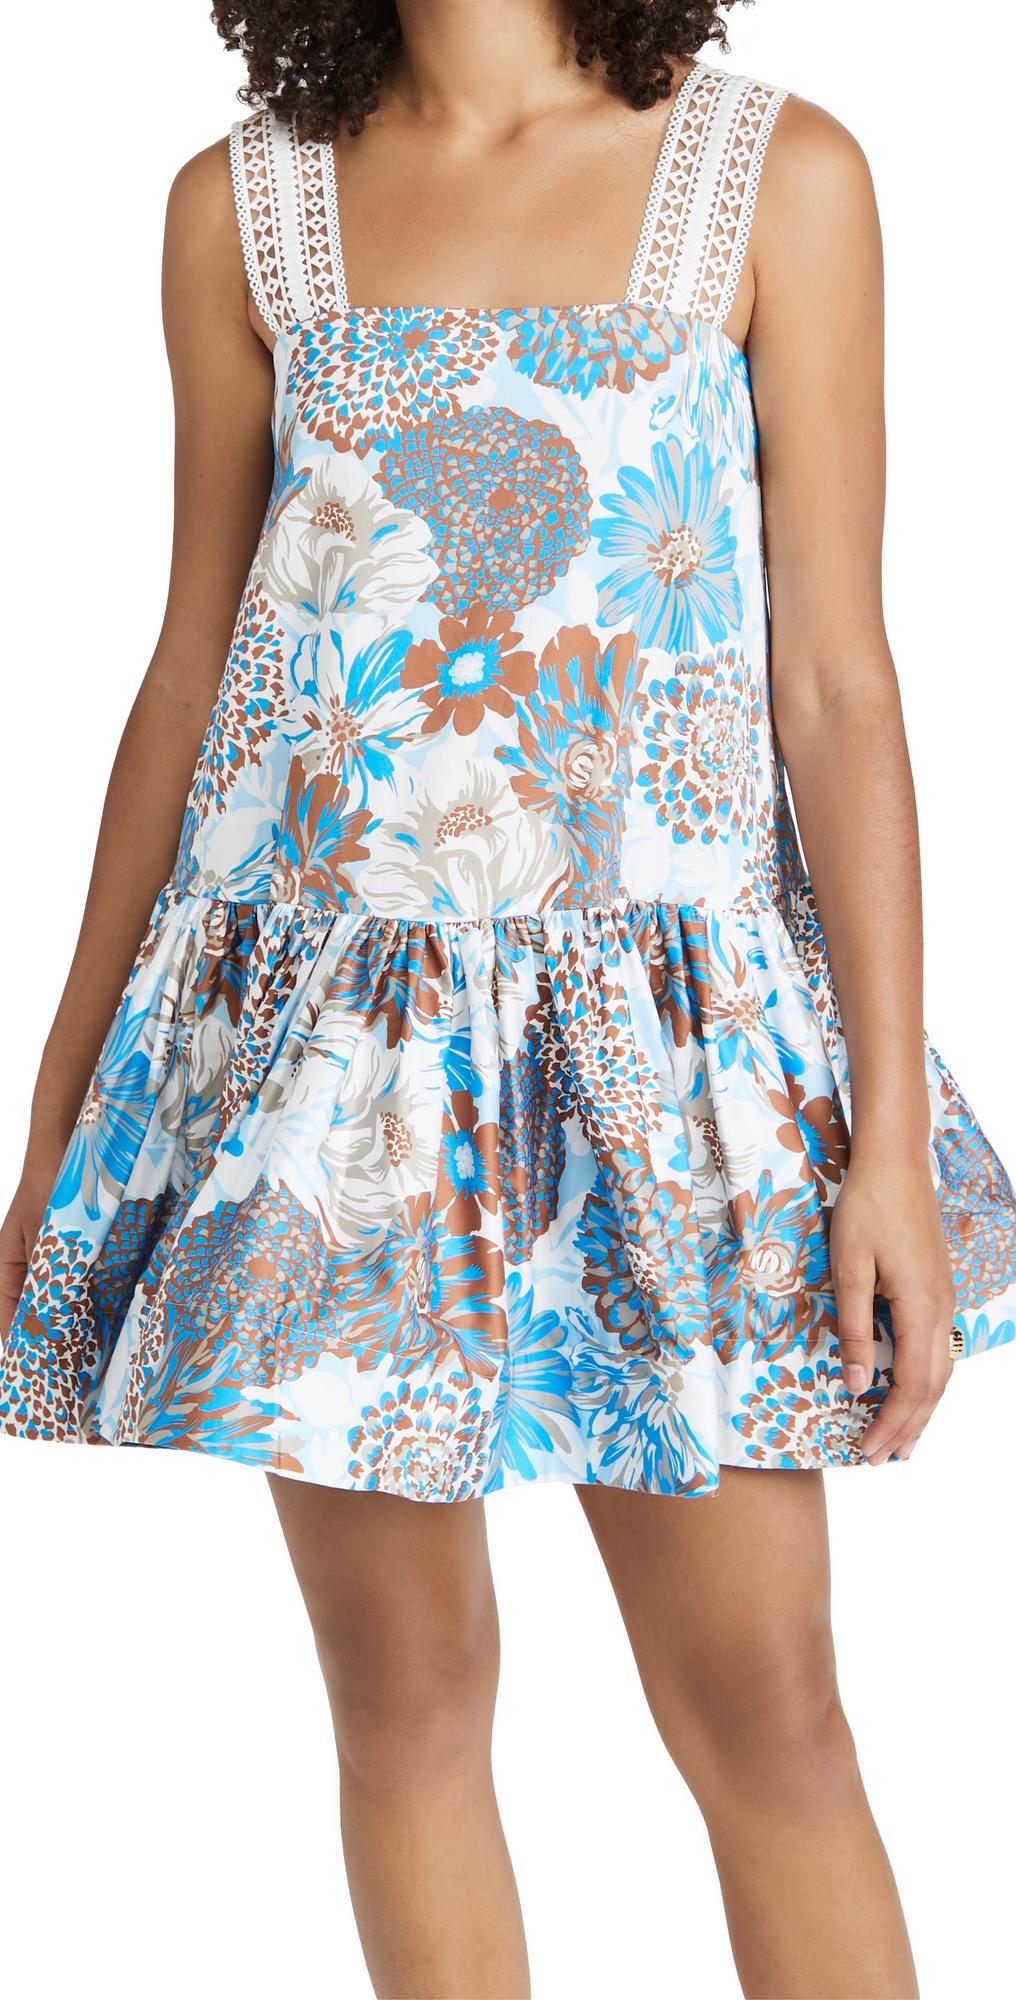 Yakeira Ruffle Dress